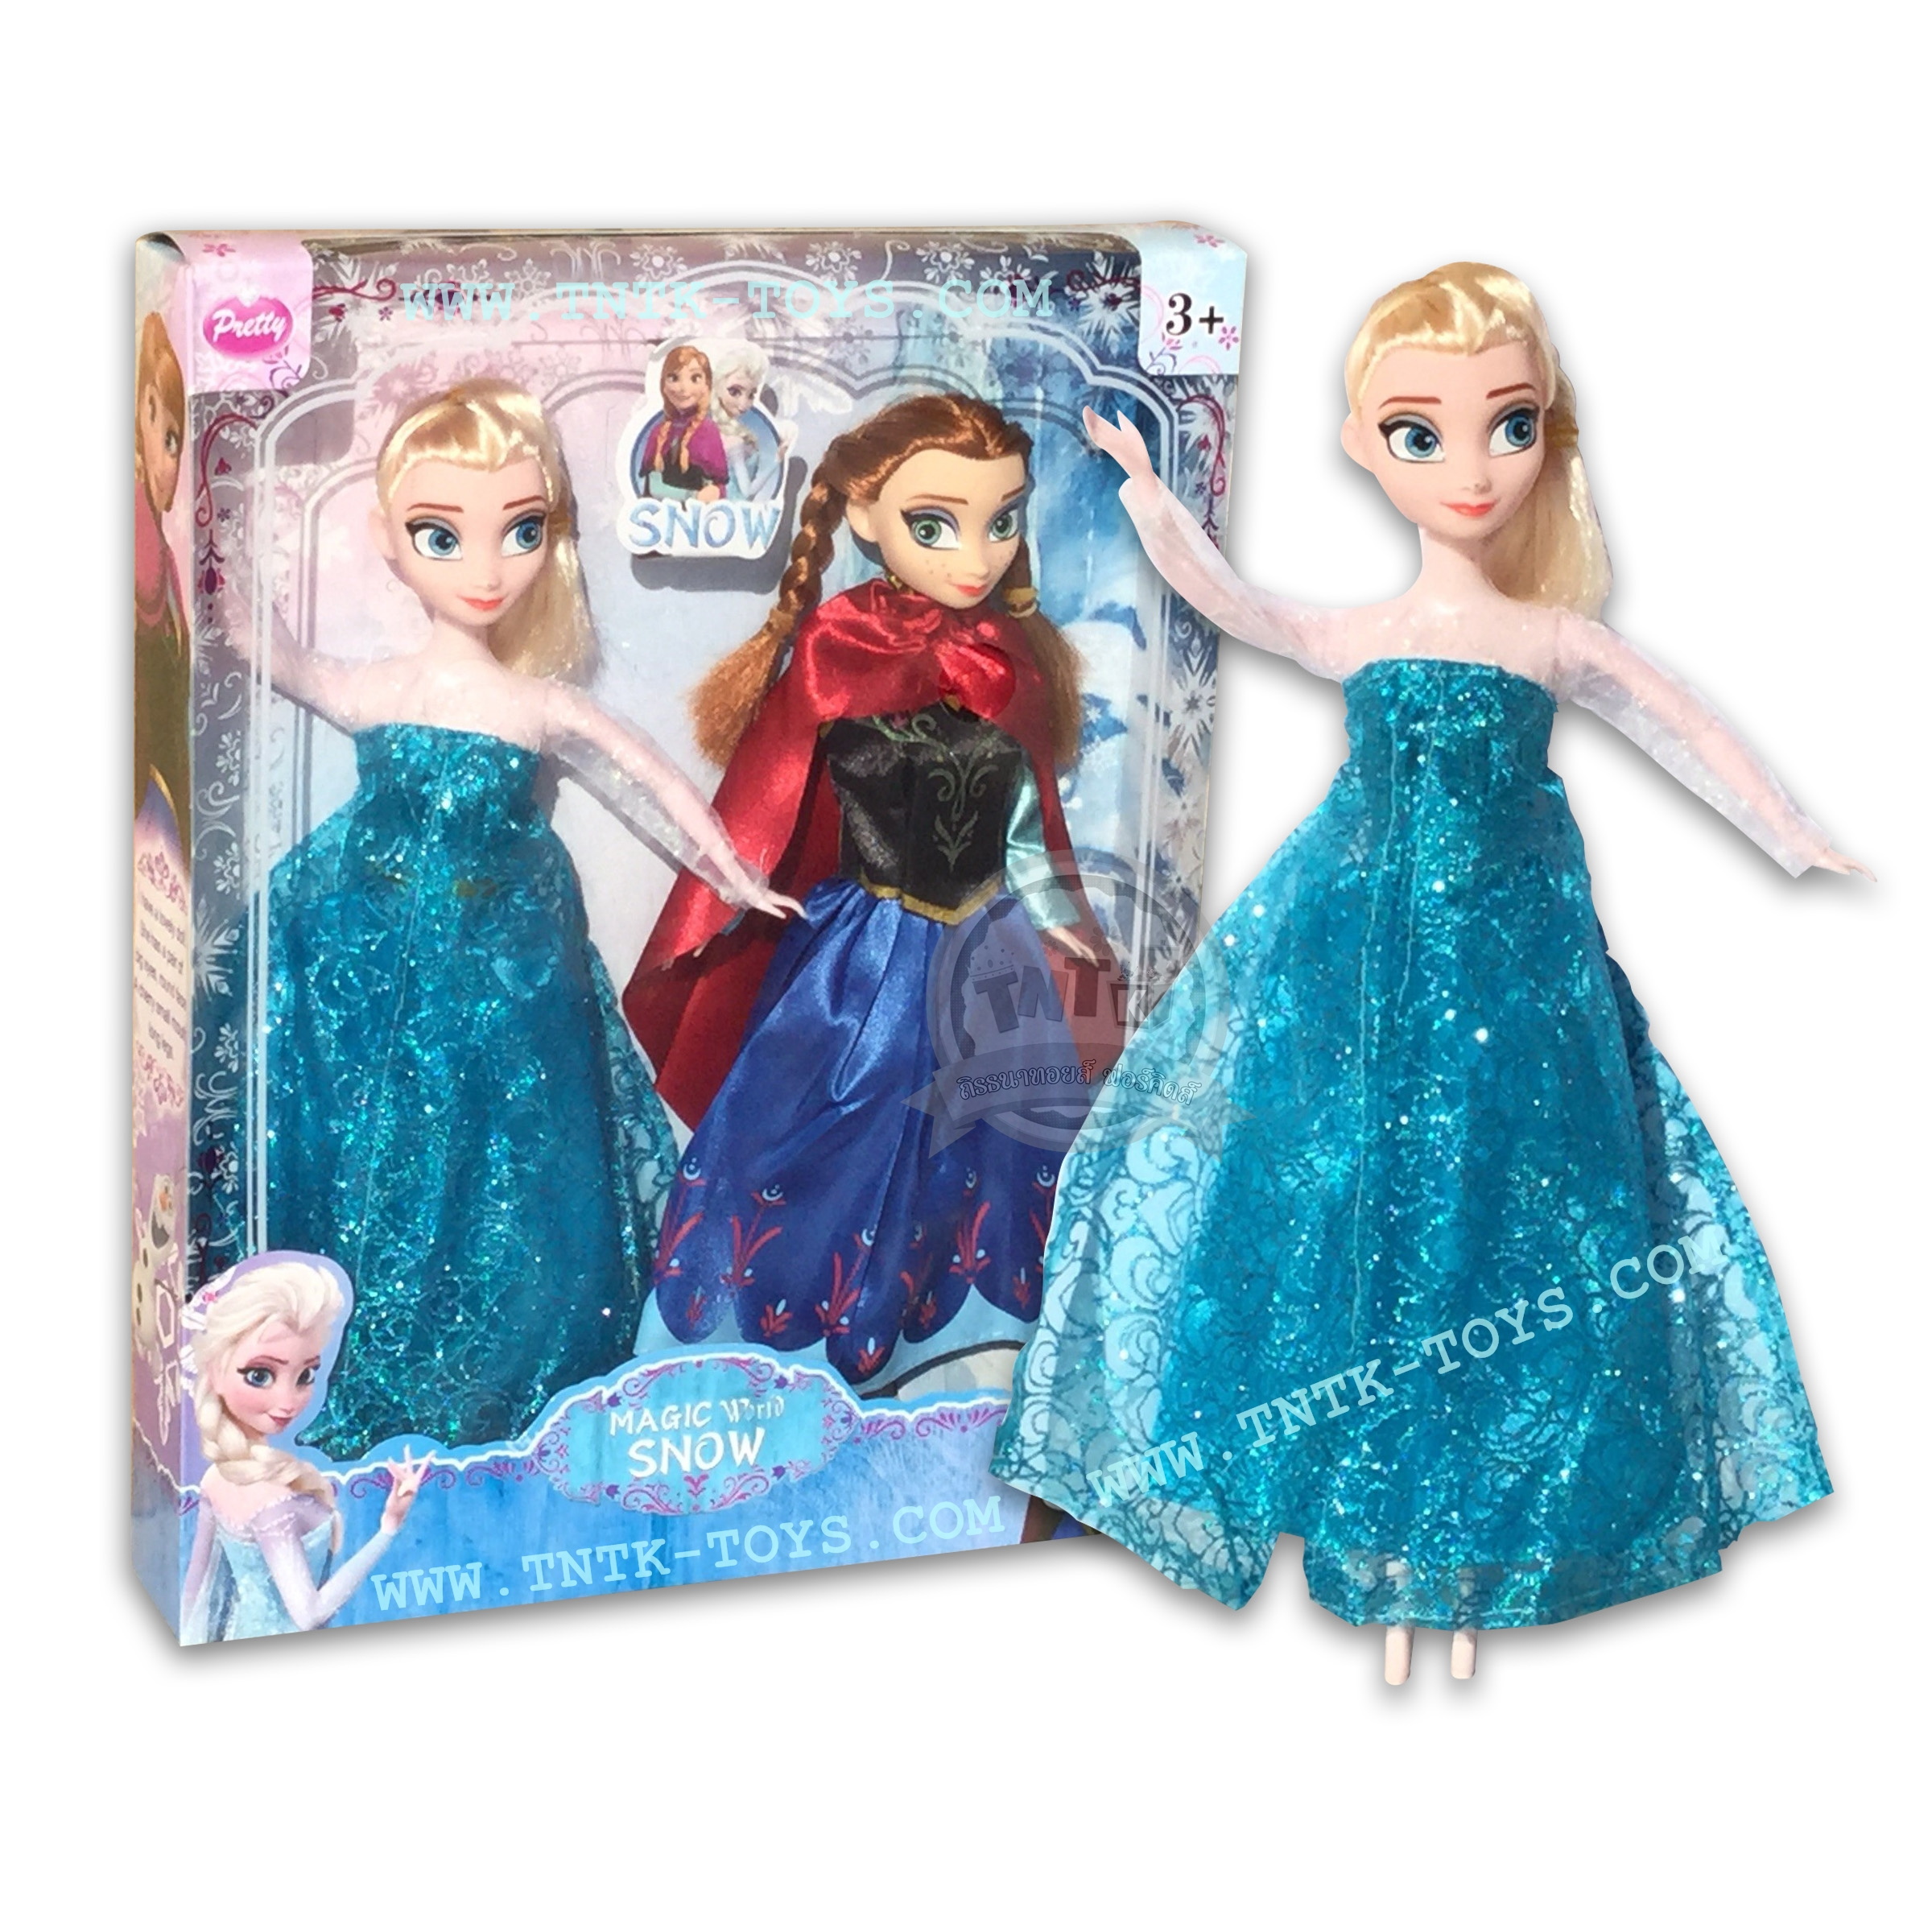 ตุ๊กตาโฟรเซ่น แอนนา & เอลซ่า